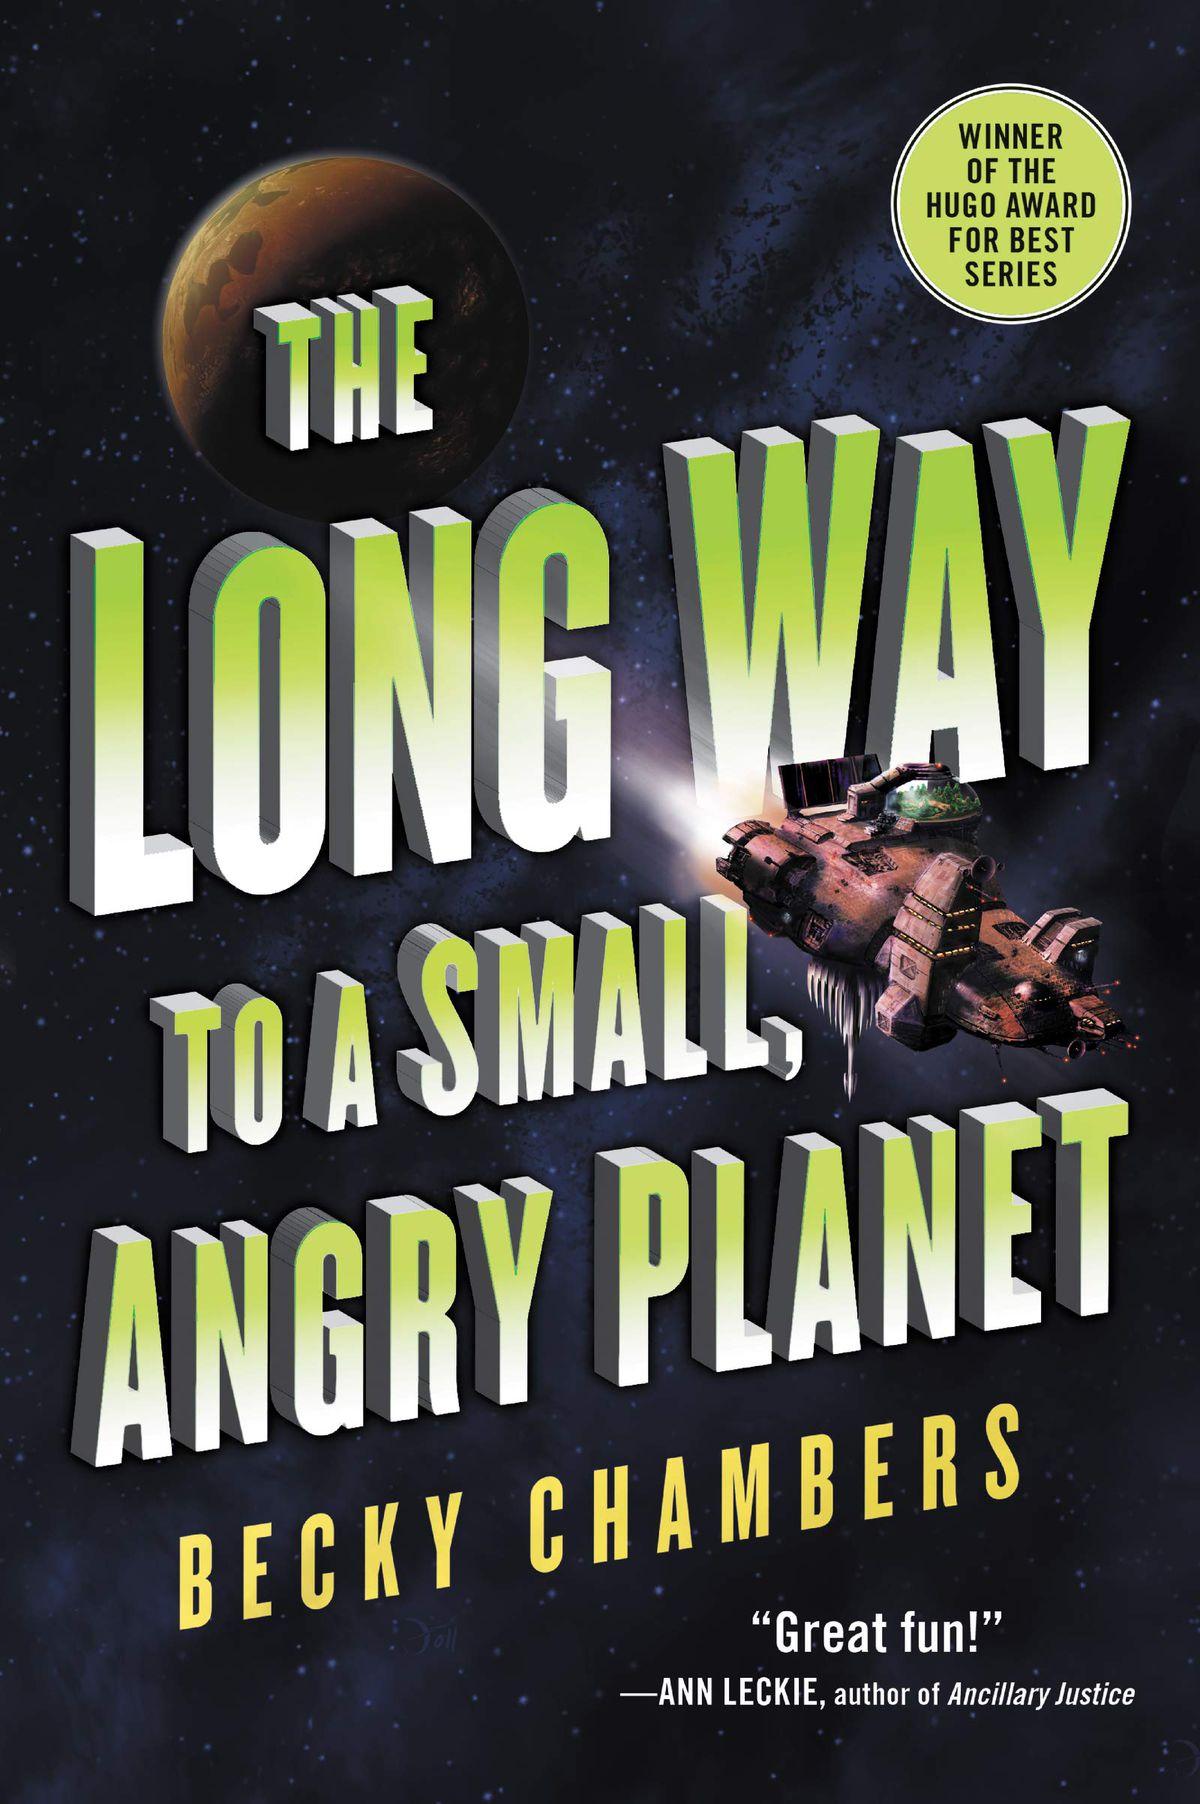 La couverture du premier livre de Becky Chambers présente de gros caractères, à côté d'un petit vaisseau spatial et d'une planète.